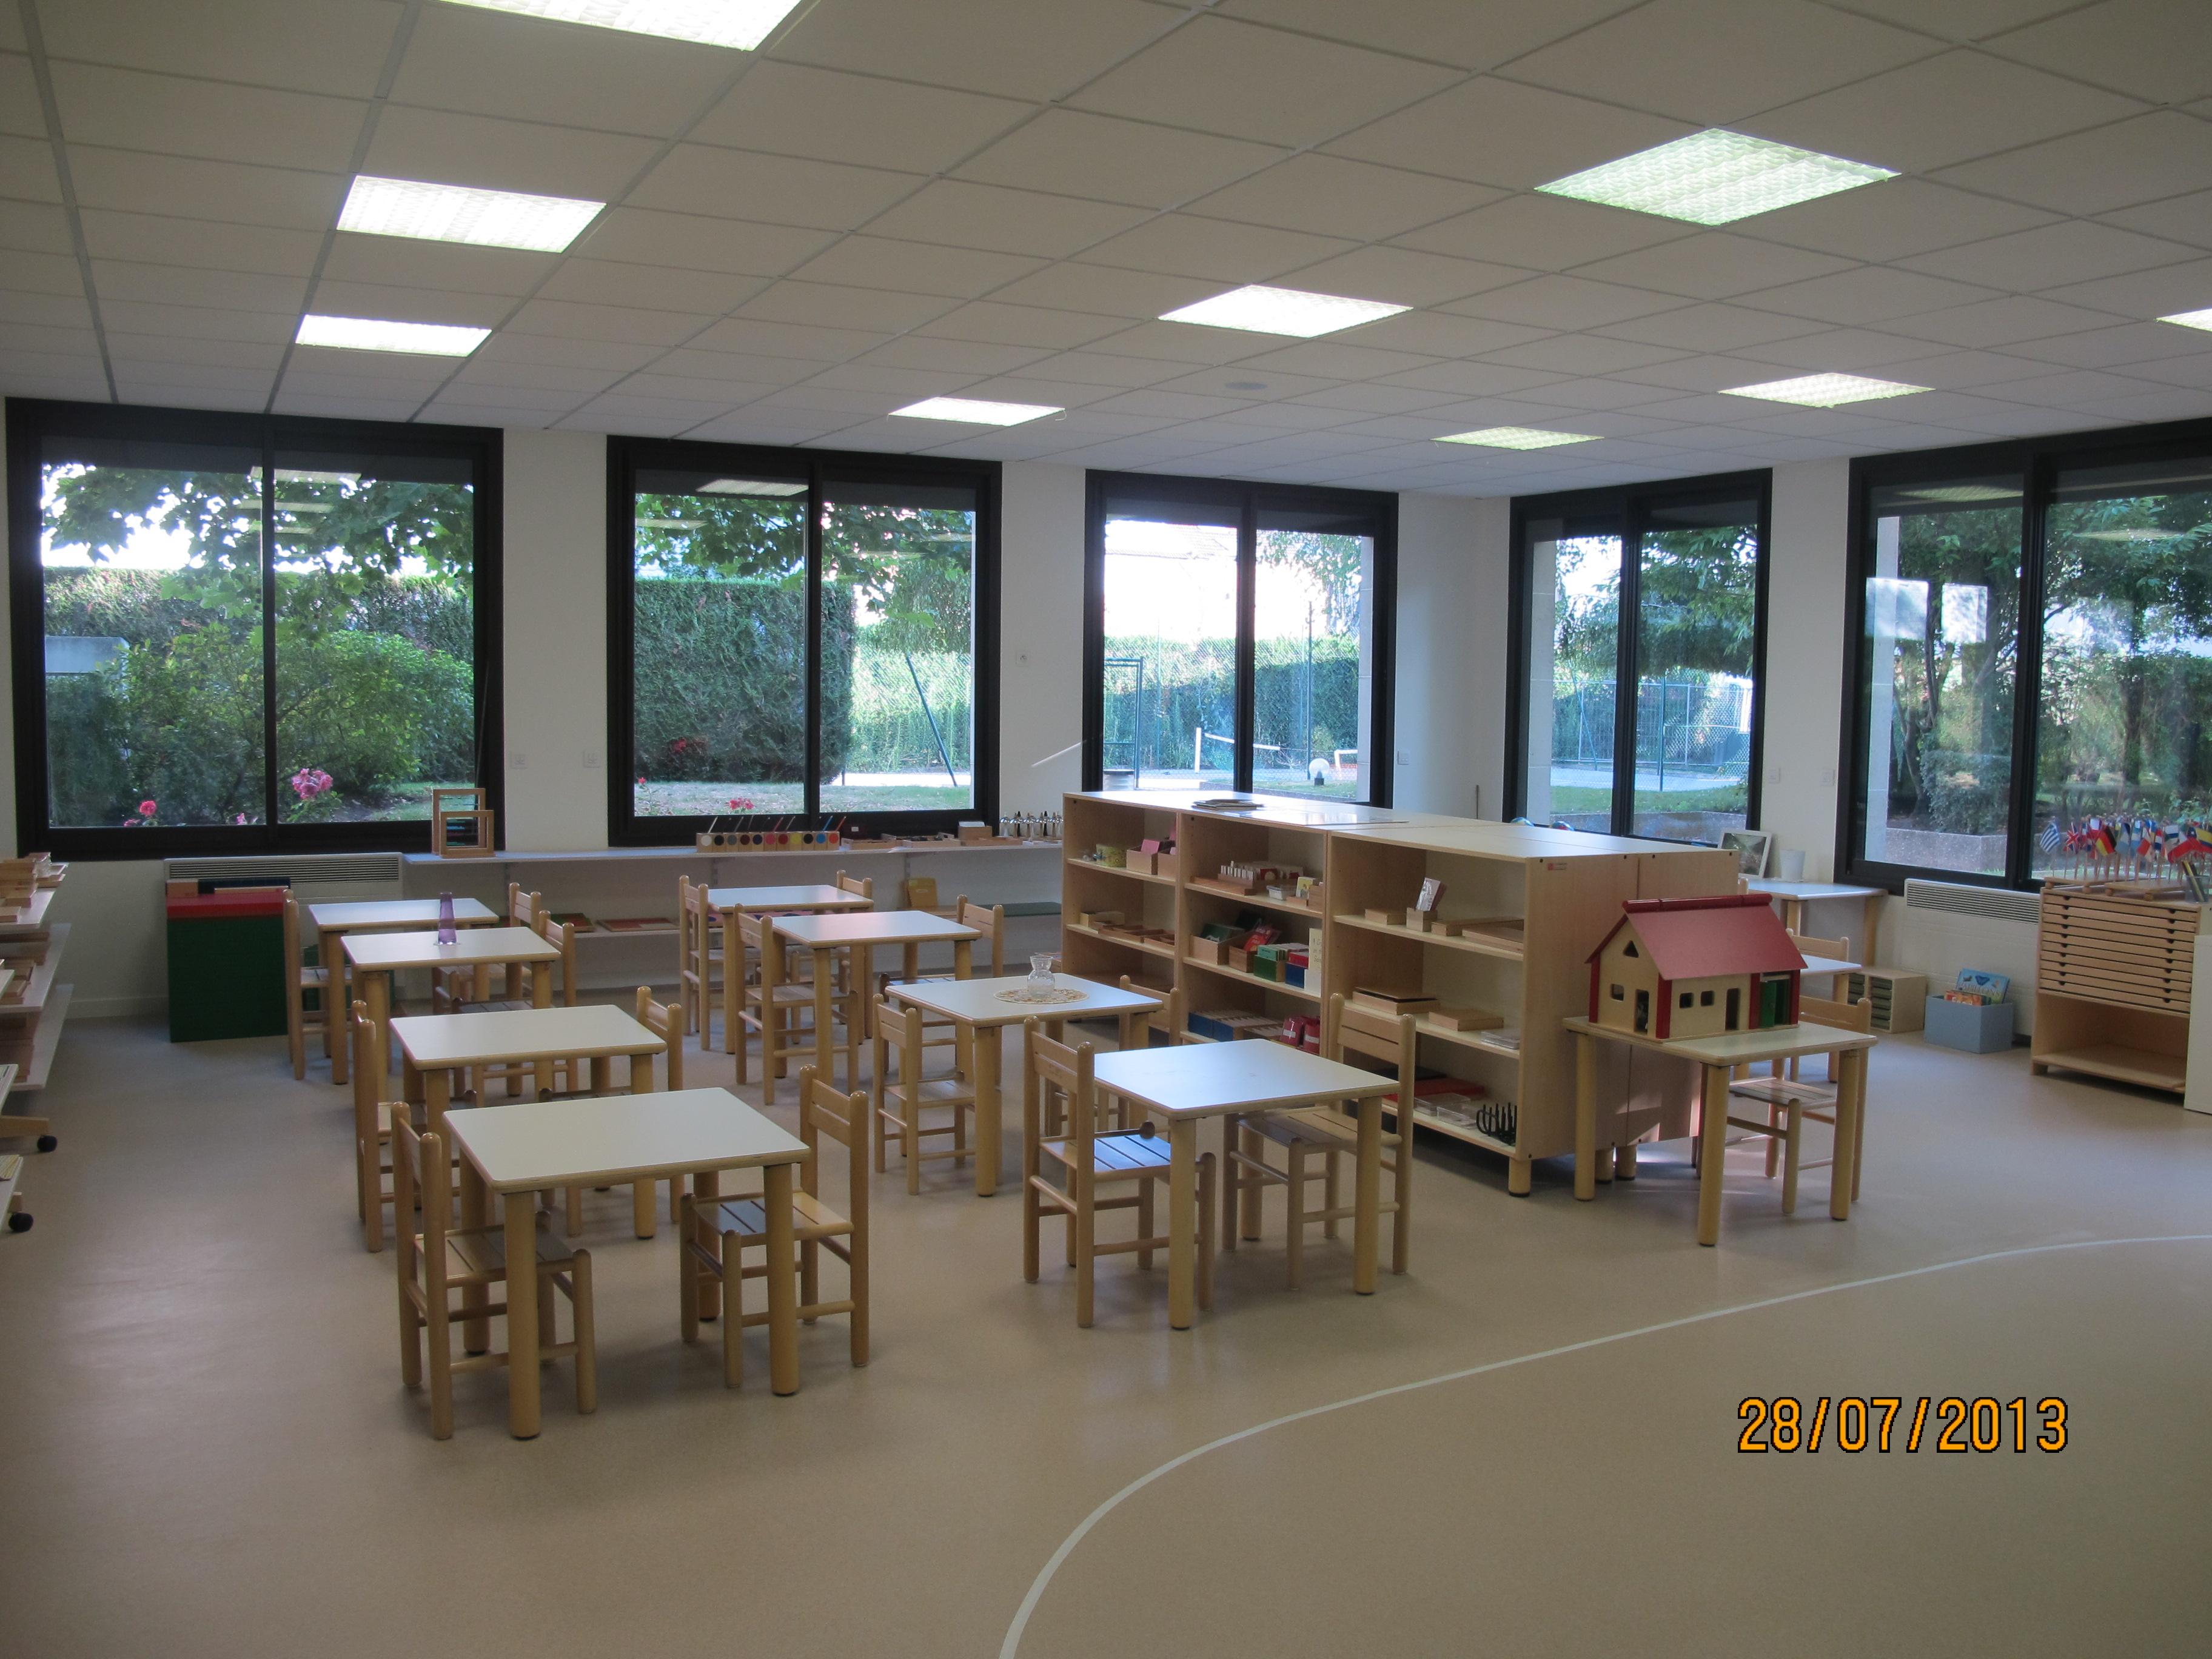 classe 3-6 ans ecole Montessori internationale Beautiful Minds